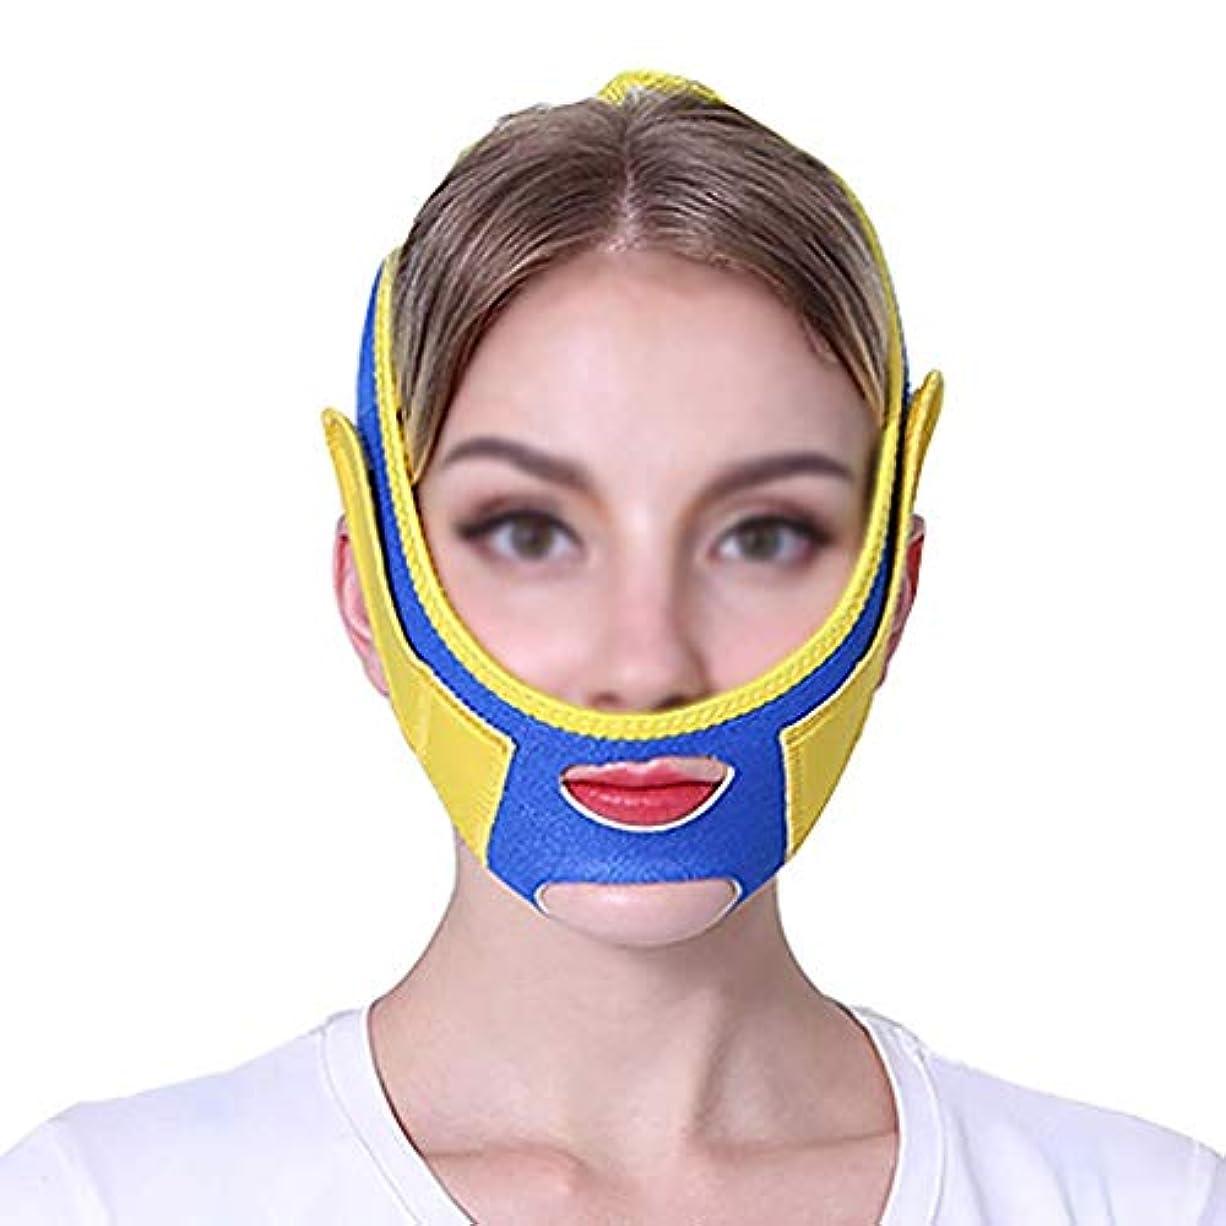 モス成熟した国歌ファーミングフェイスマスク、スモールVフェイスアーティファクトリフティングマスクフェイスリフティングフェイスメロンフェイスリフティングフェイスマスクファーミングクリームフェイスリフティング包帯